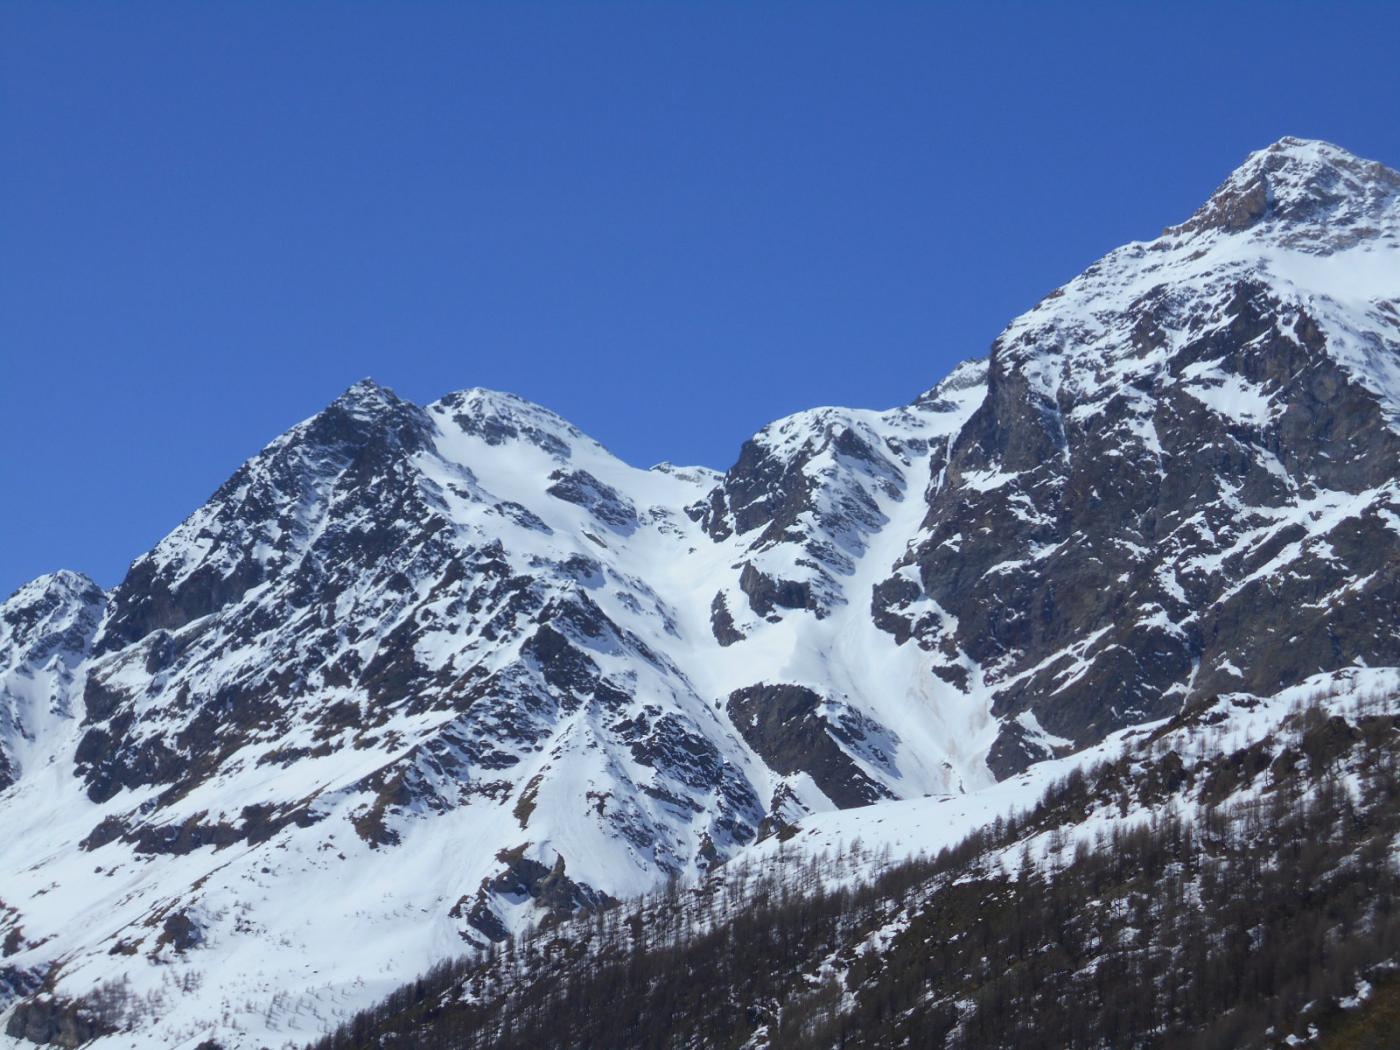 Brulè, Collon, Bella Tza, Vofrede (Colli) da Cervinia, giro del Cervino (3 gg) 2015-04-13